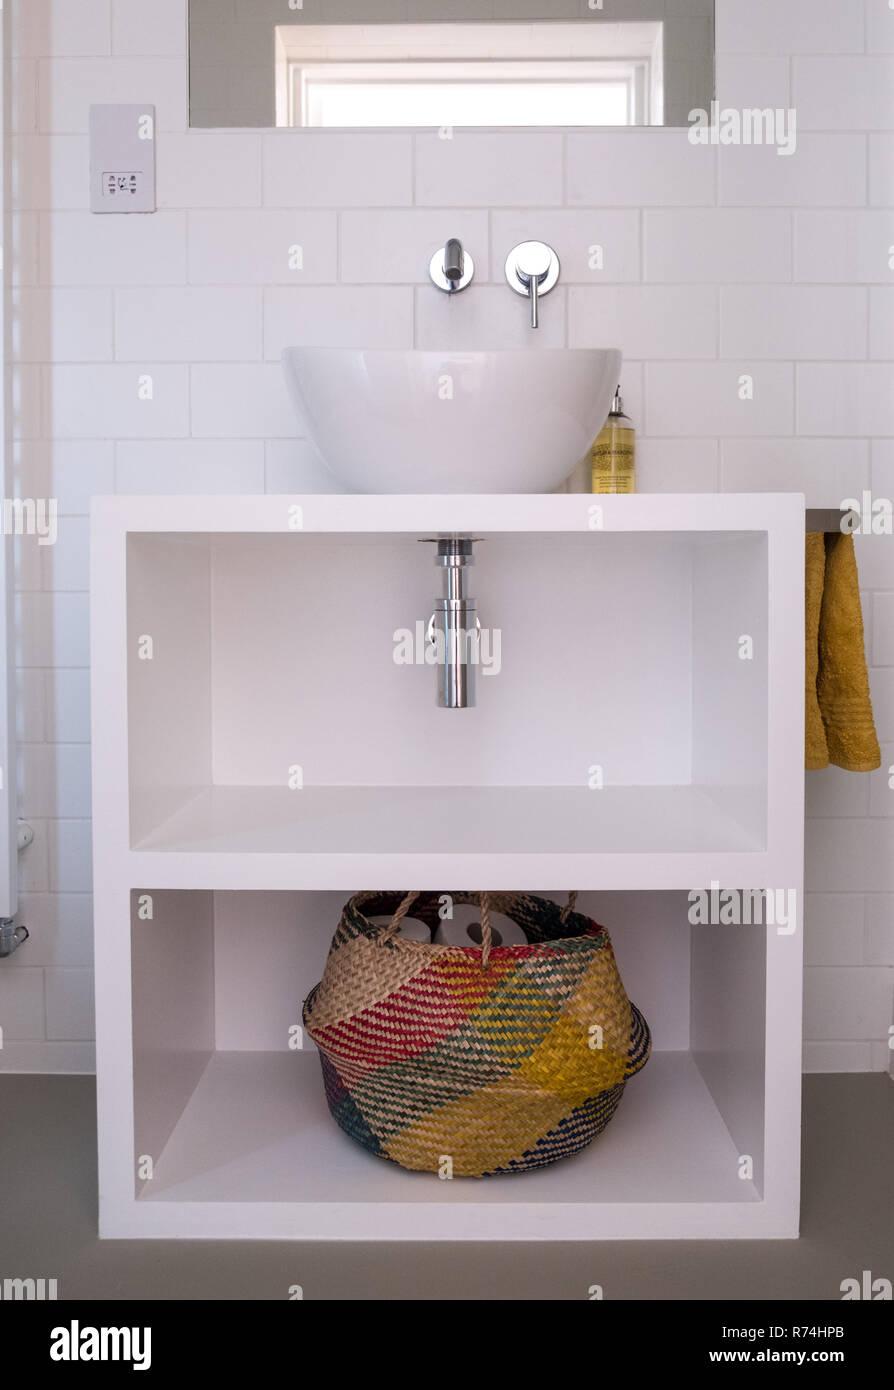 Moderne Weiss Lackierten Mdf Badezimmer Mit Waschbecken Und Bunten